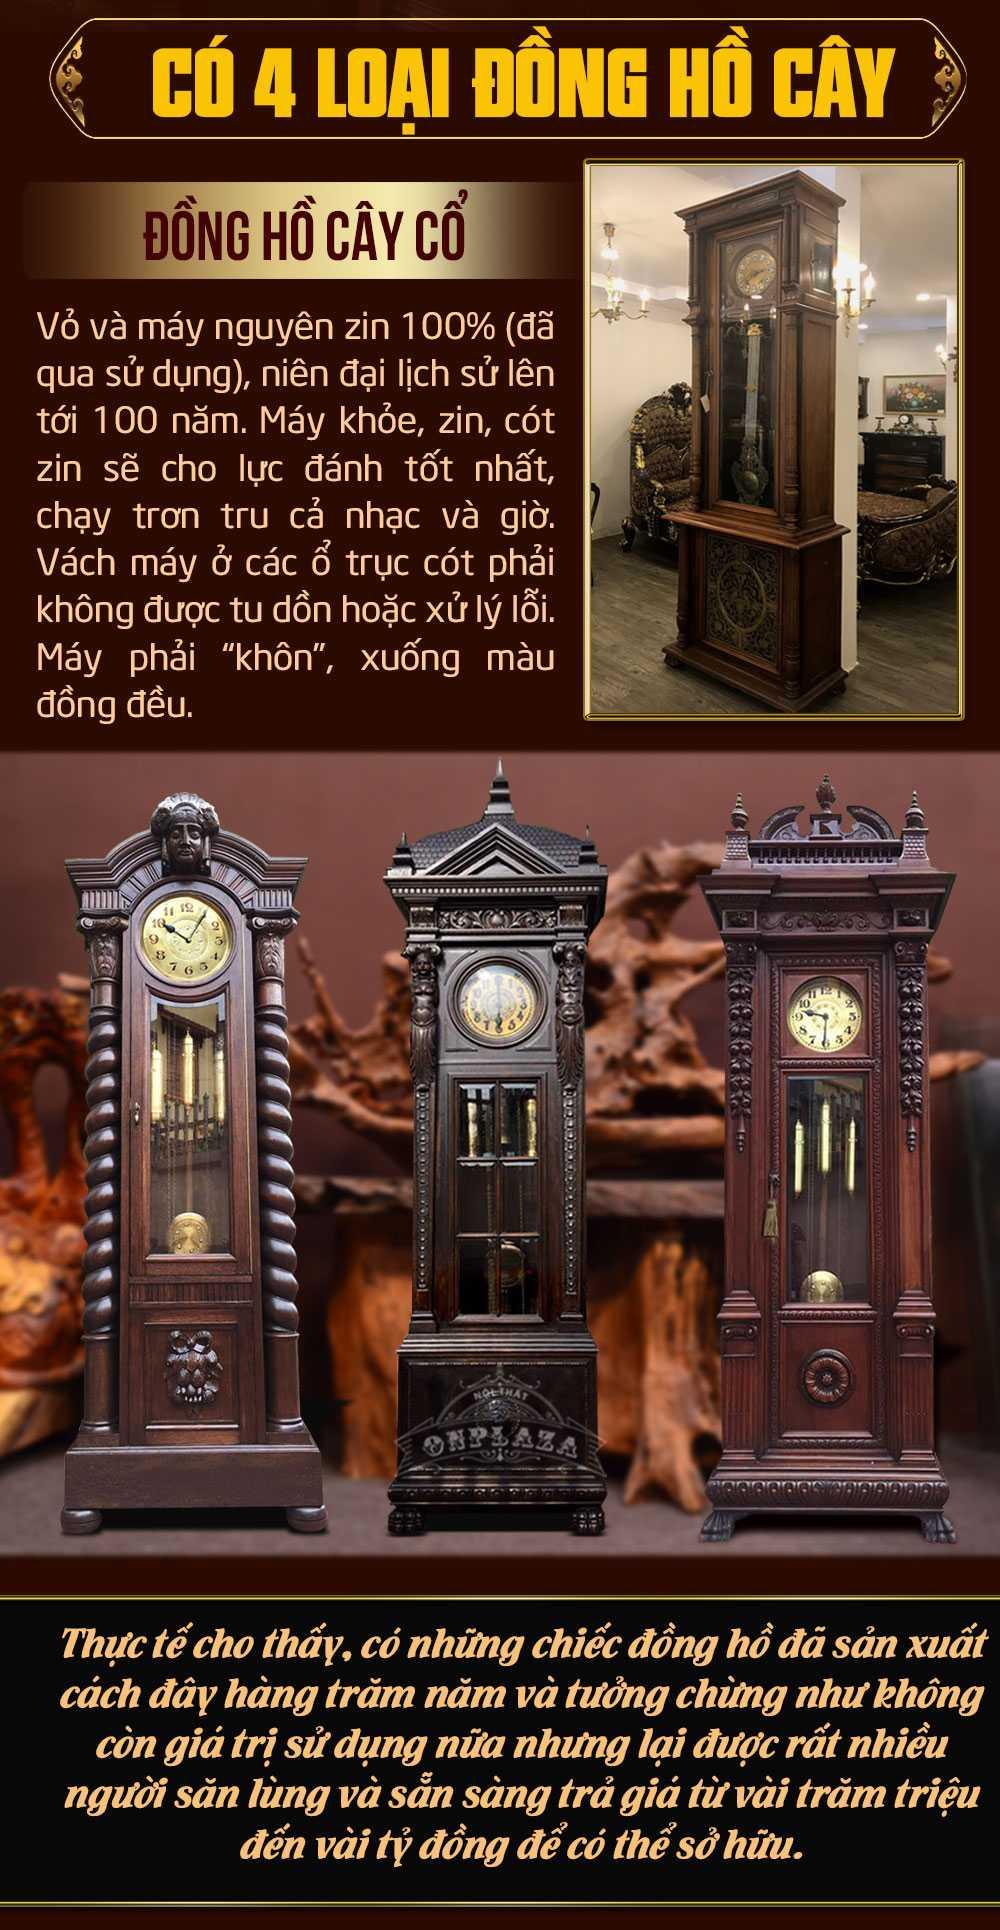 BST đồng hồ cây cổ, giả cổ, tân cổ điển cao cấp nhập khẩu tại Hà Nội